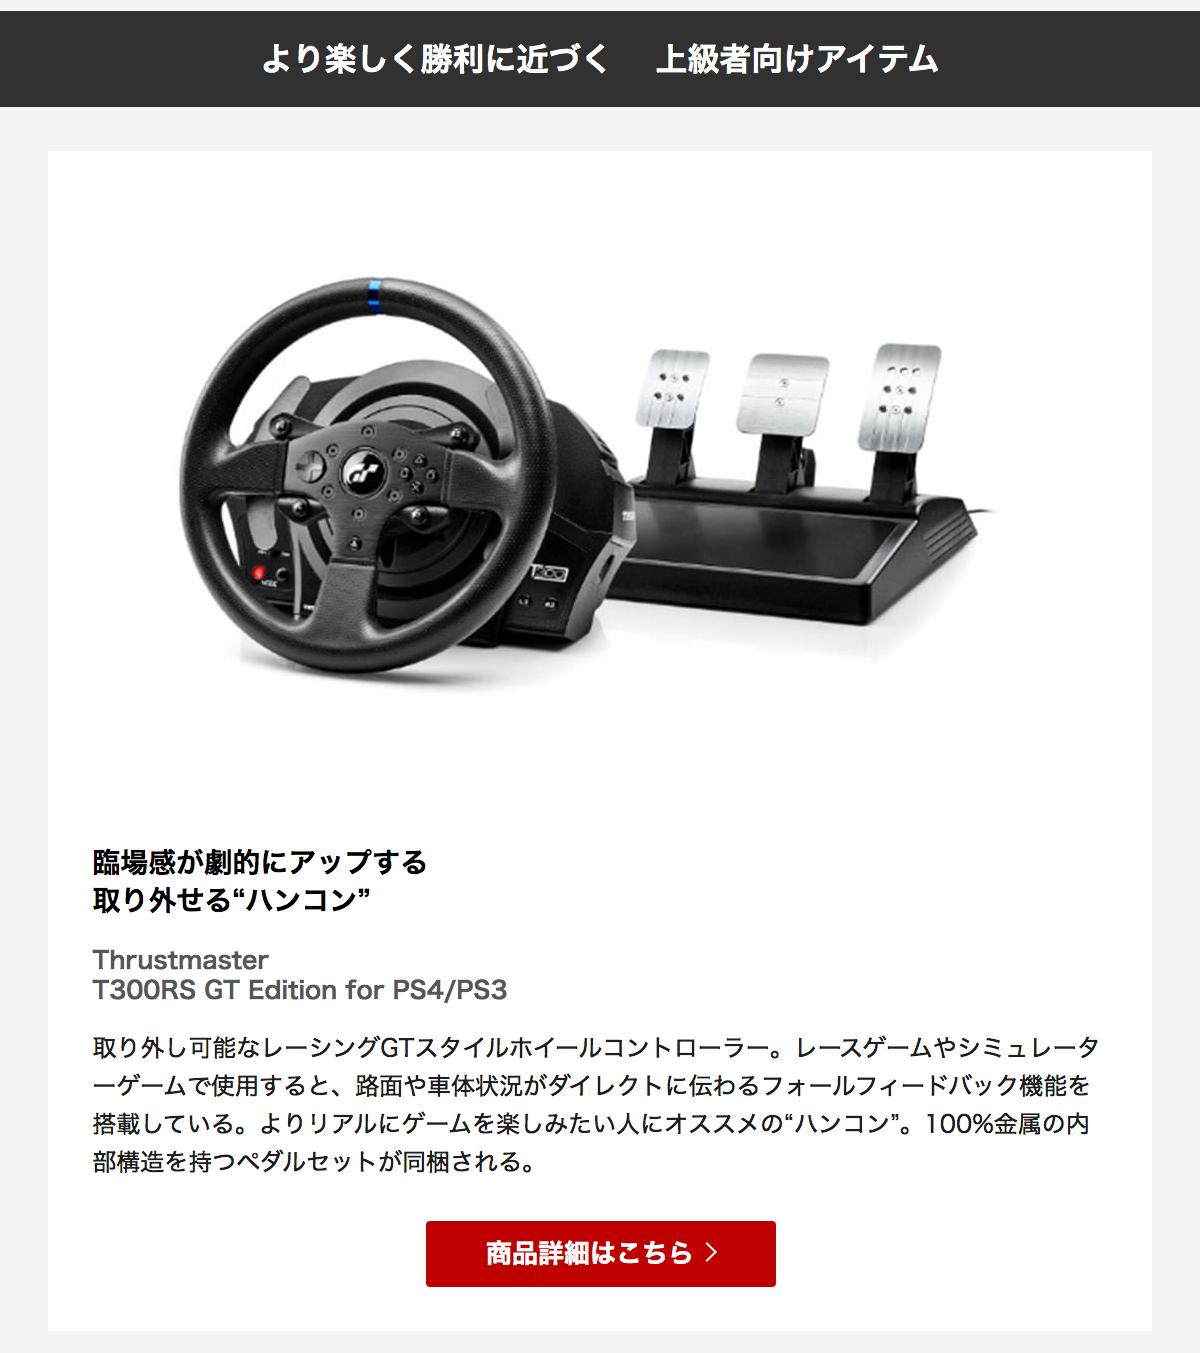 """取り外し可能なレーシングGTスタイルホイールコントローラー。レースゲームやシミュレーターゲームで使用すると、路面や車体状況がダイレクトに伝わるフォールフィードバック機能を搭載している。よりリアルにゲームを楽しみたい人にオススメの""""ハンコン""""。100%金属の内部構造を持つペダルセットが同梱される。"""